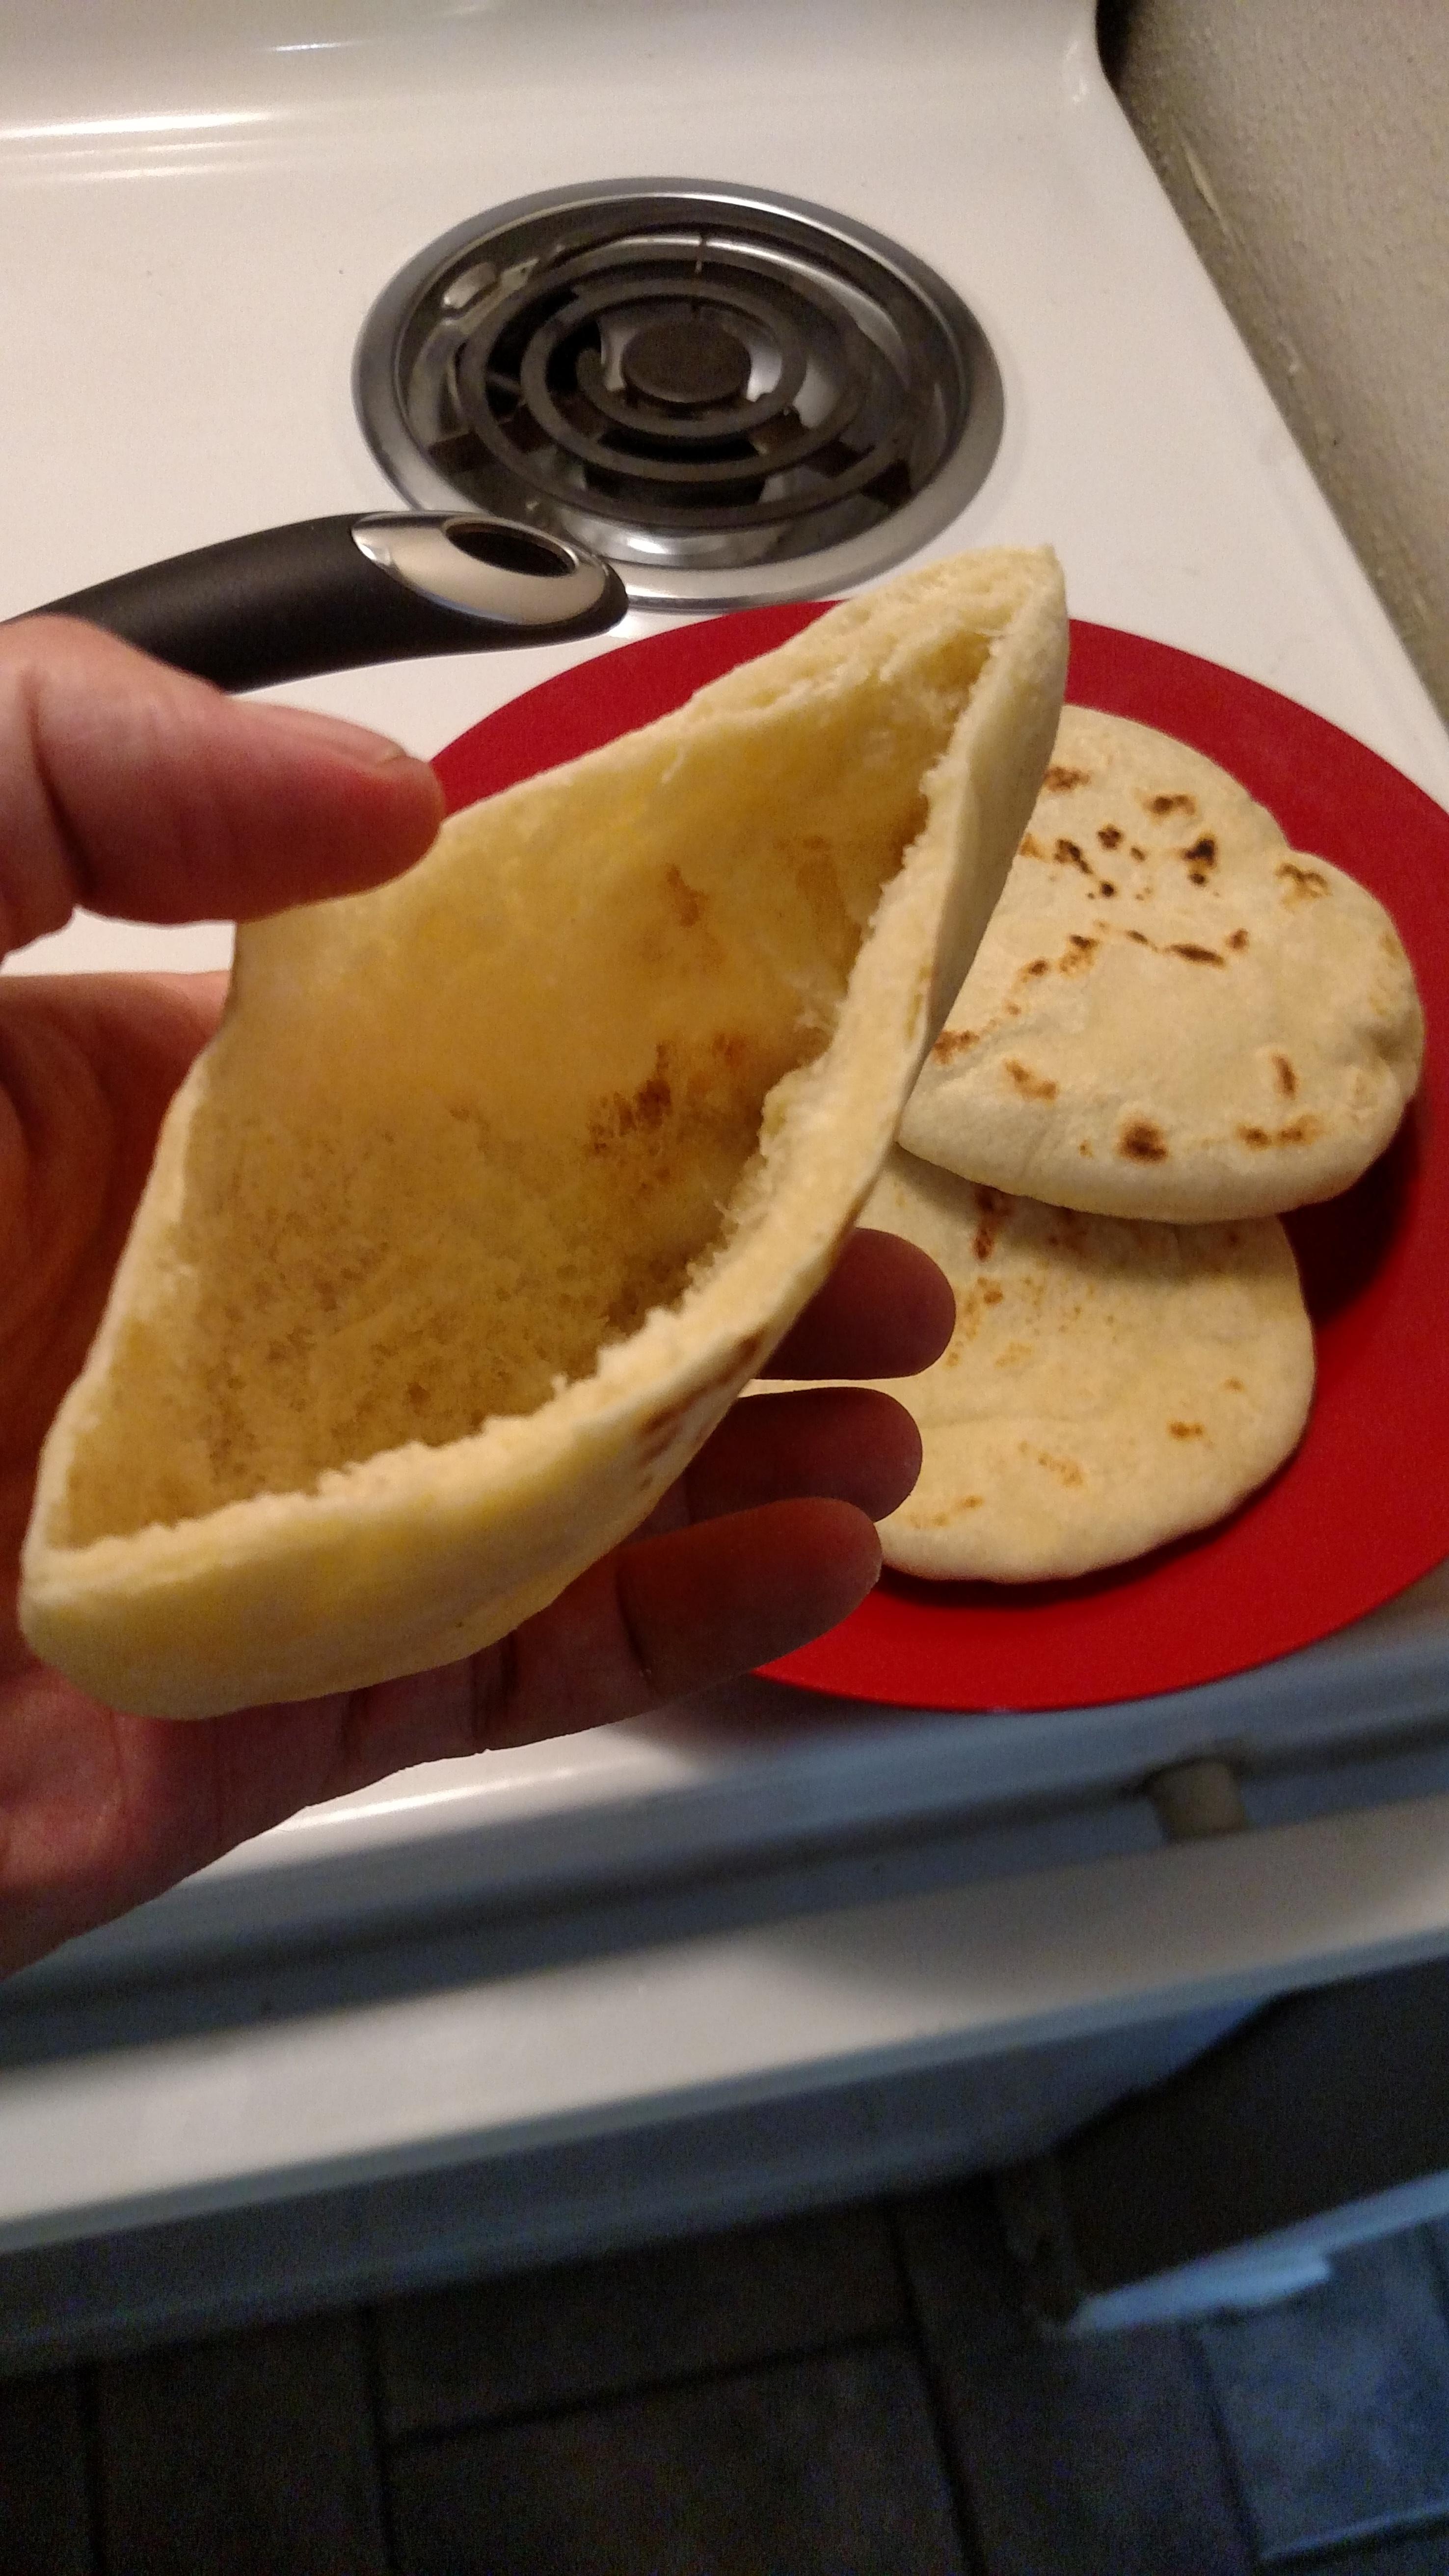 Chef John's Pita Bread